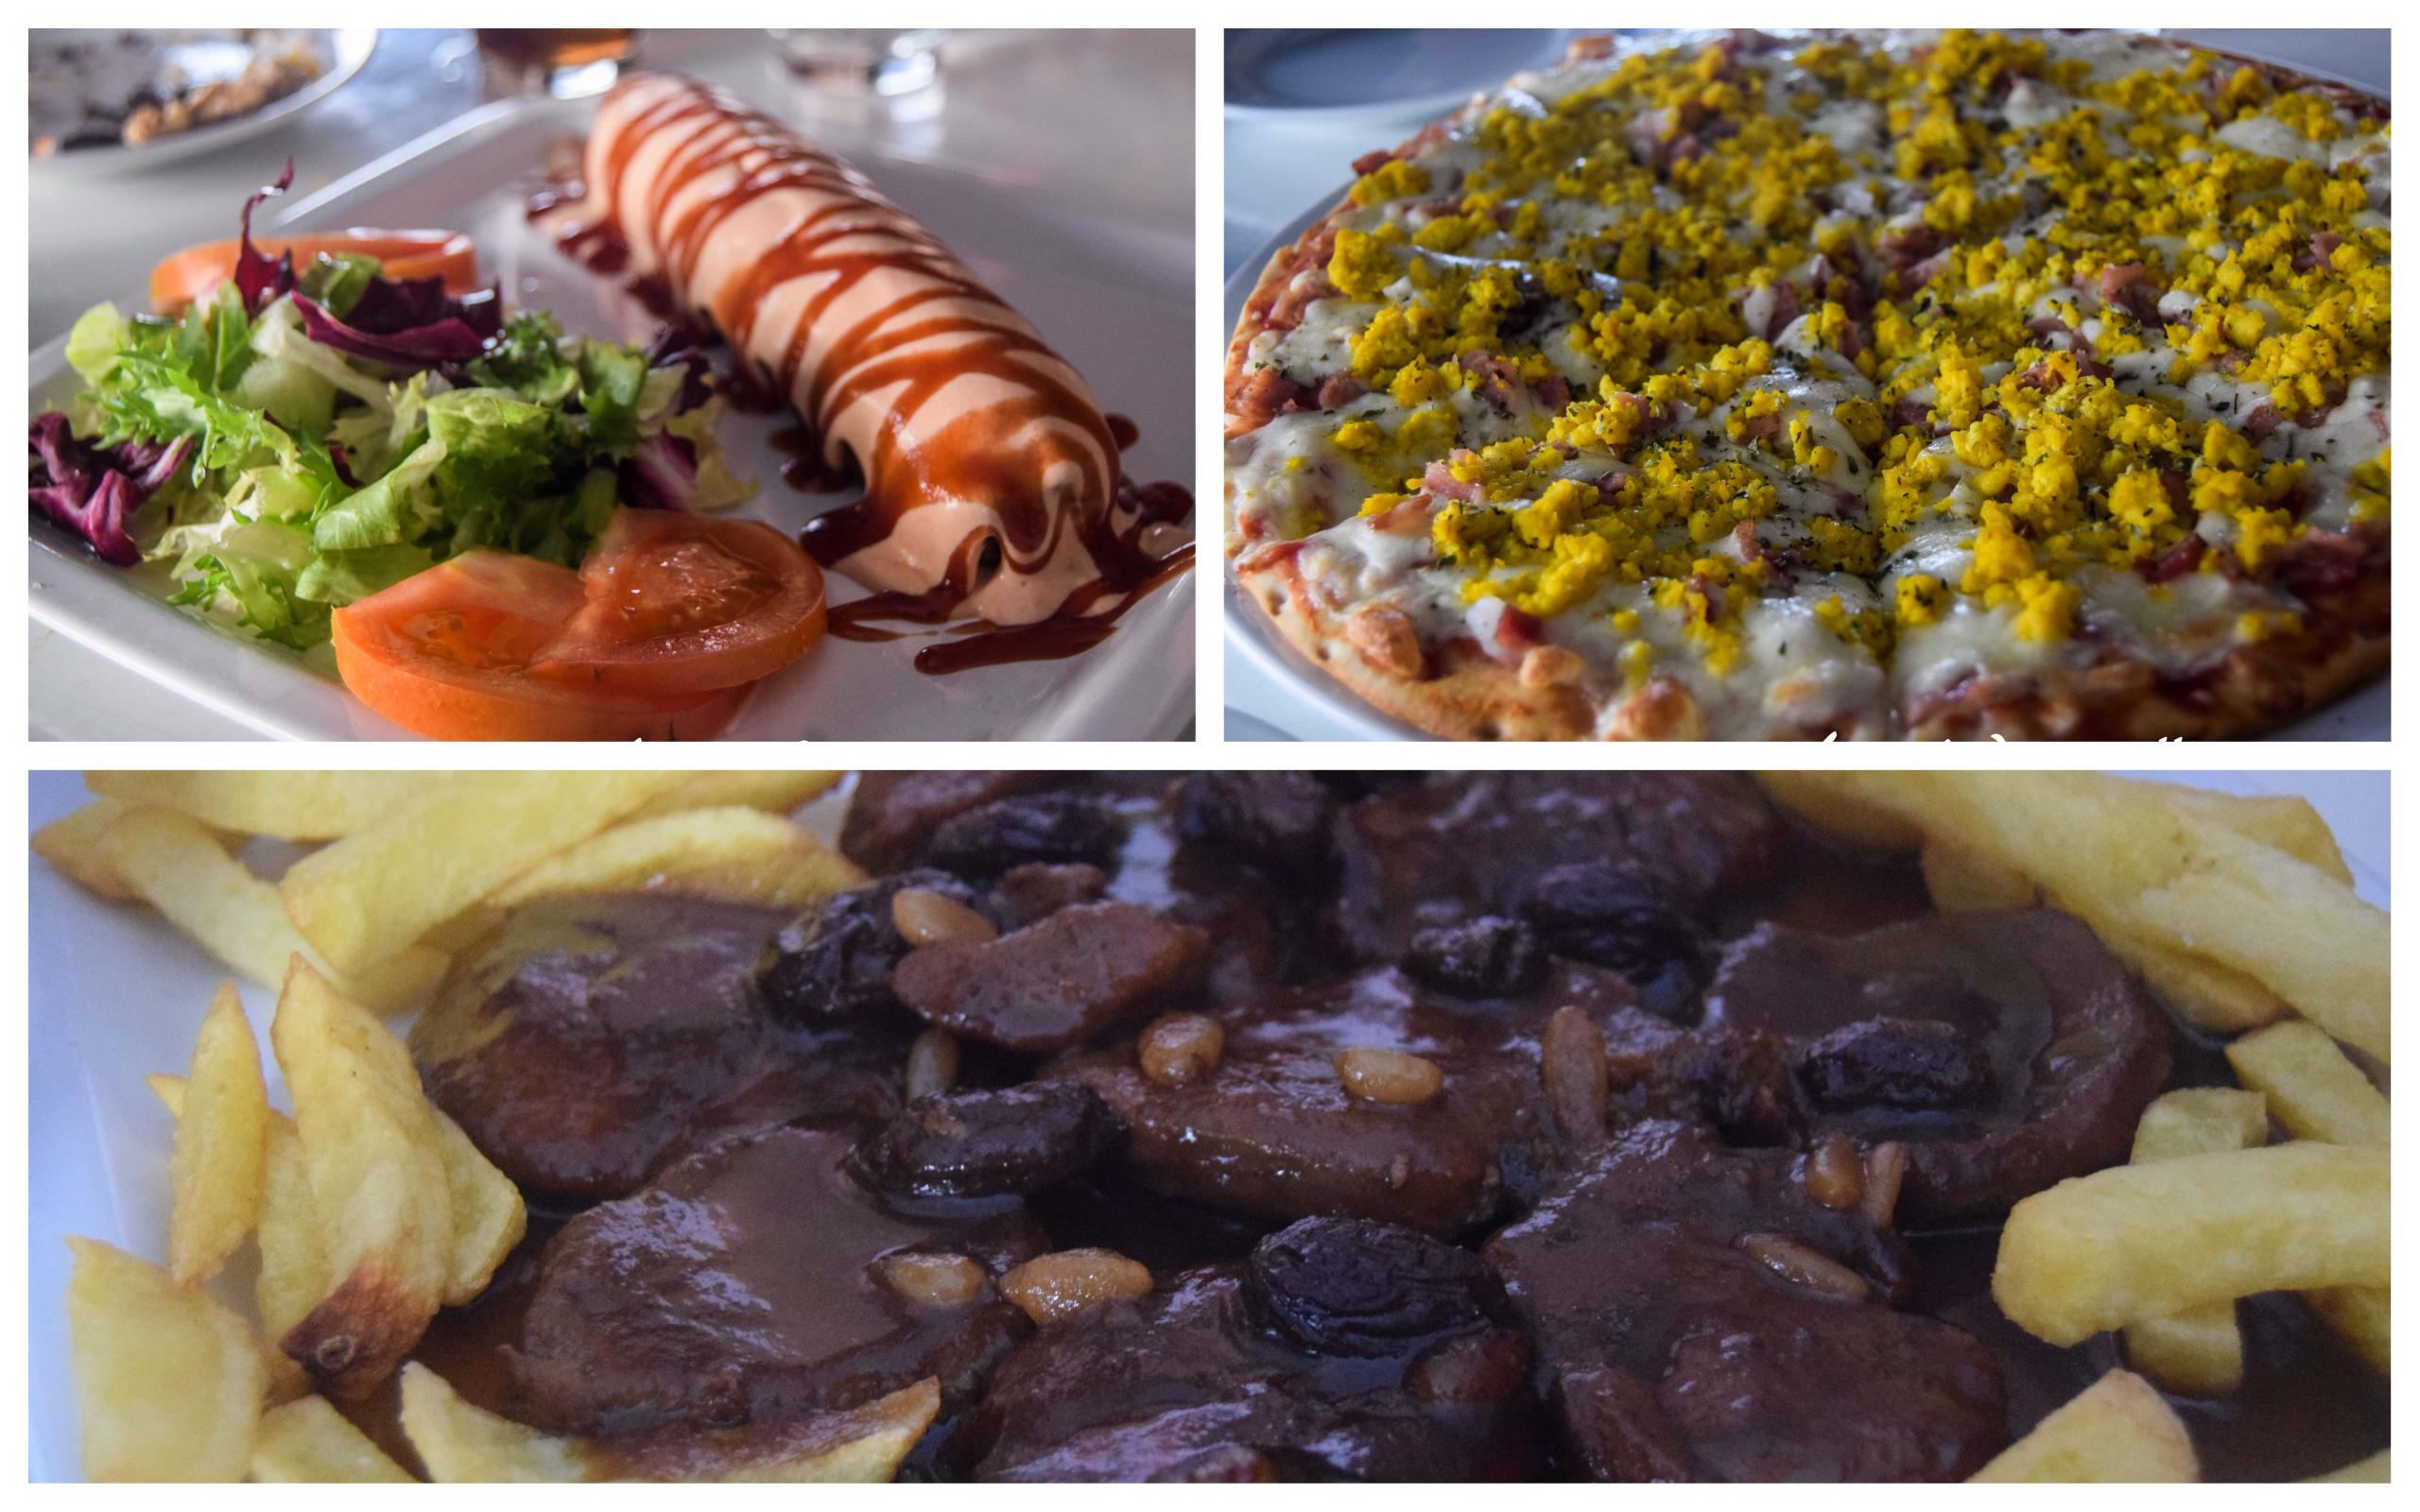 almuerzo en la cafetería Al Grano situada en la plaza Llano de la Cruz, Aguilar de la Frontera- Los viajes de Margalliiver